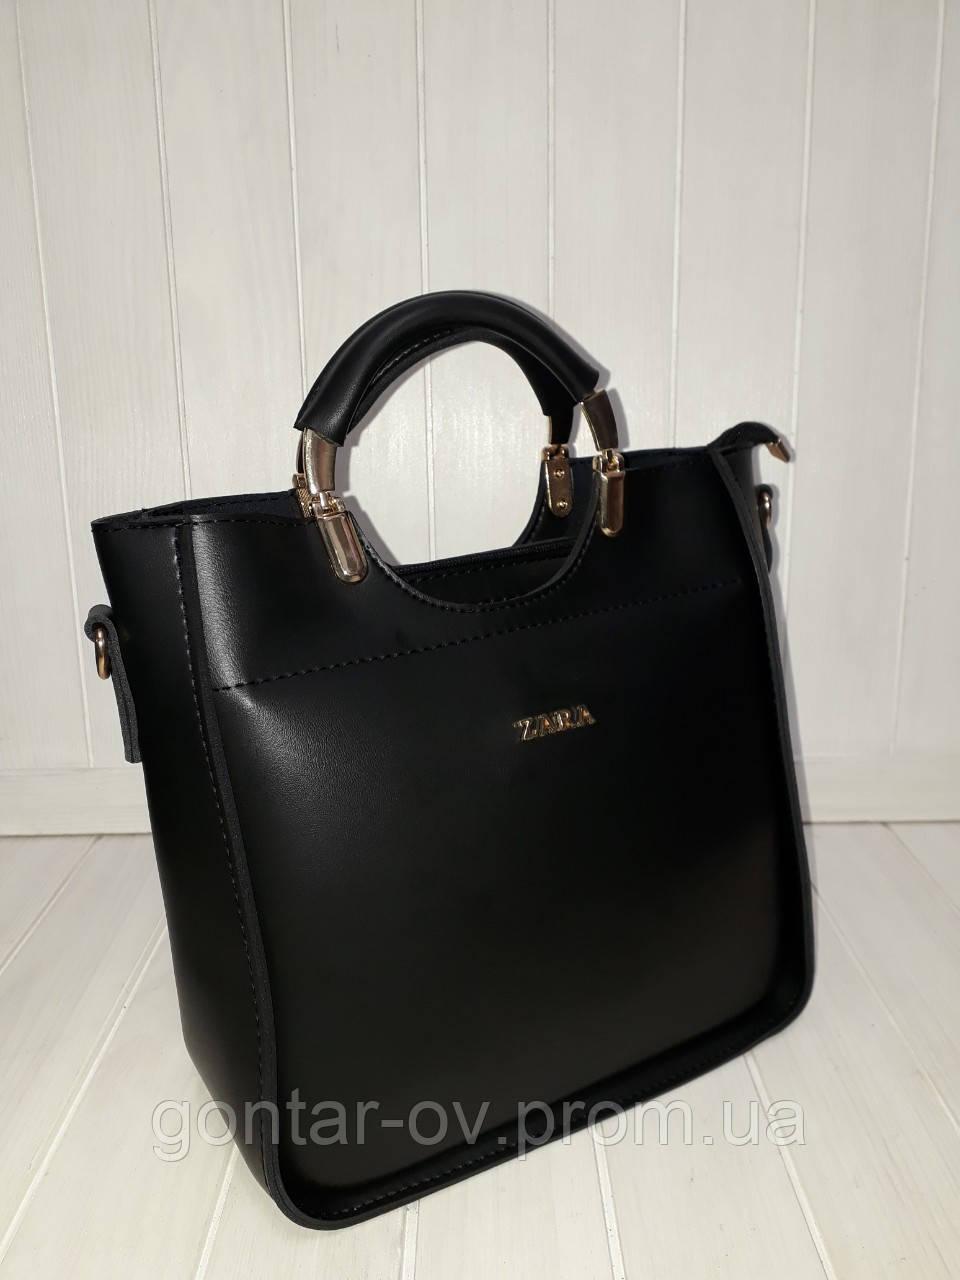 Женская сумка ZARA черная